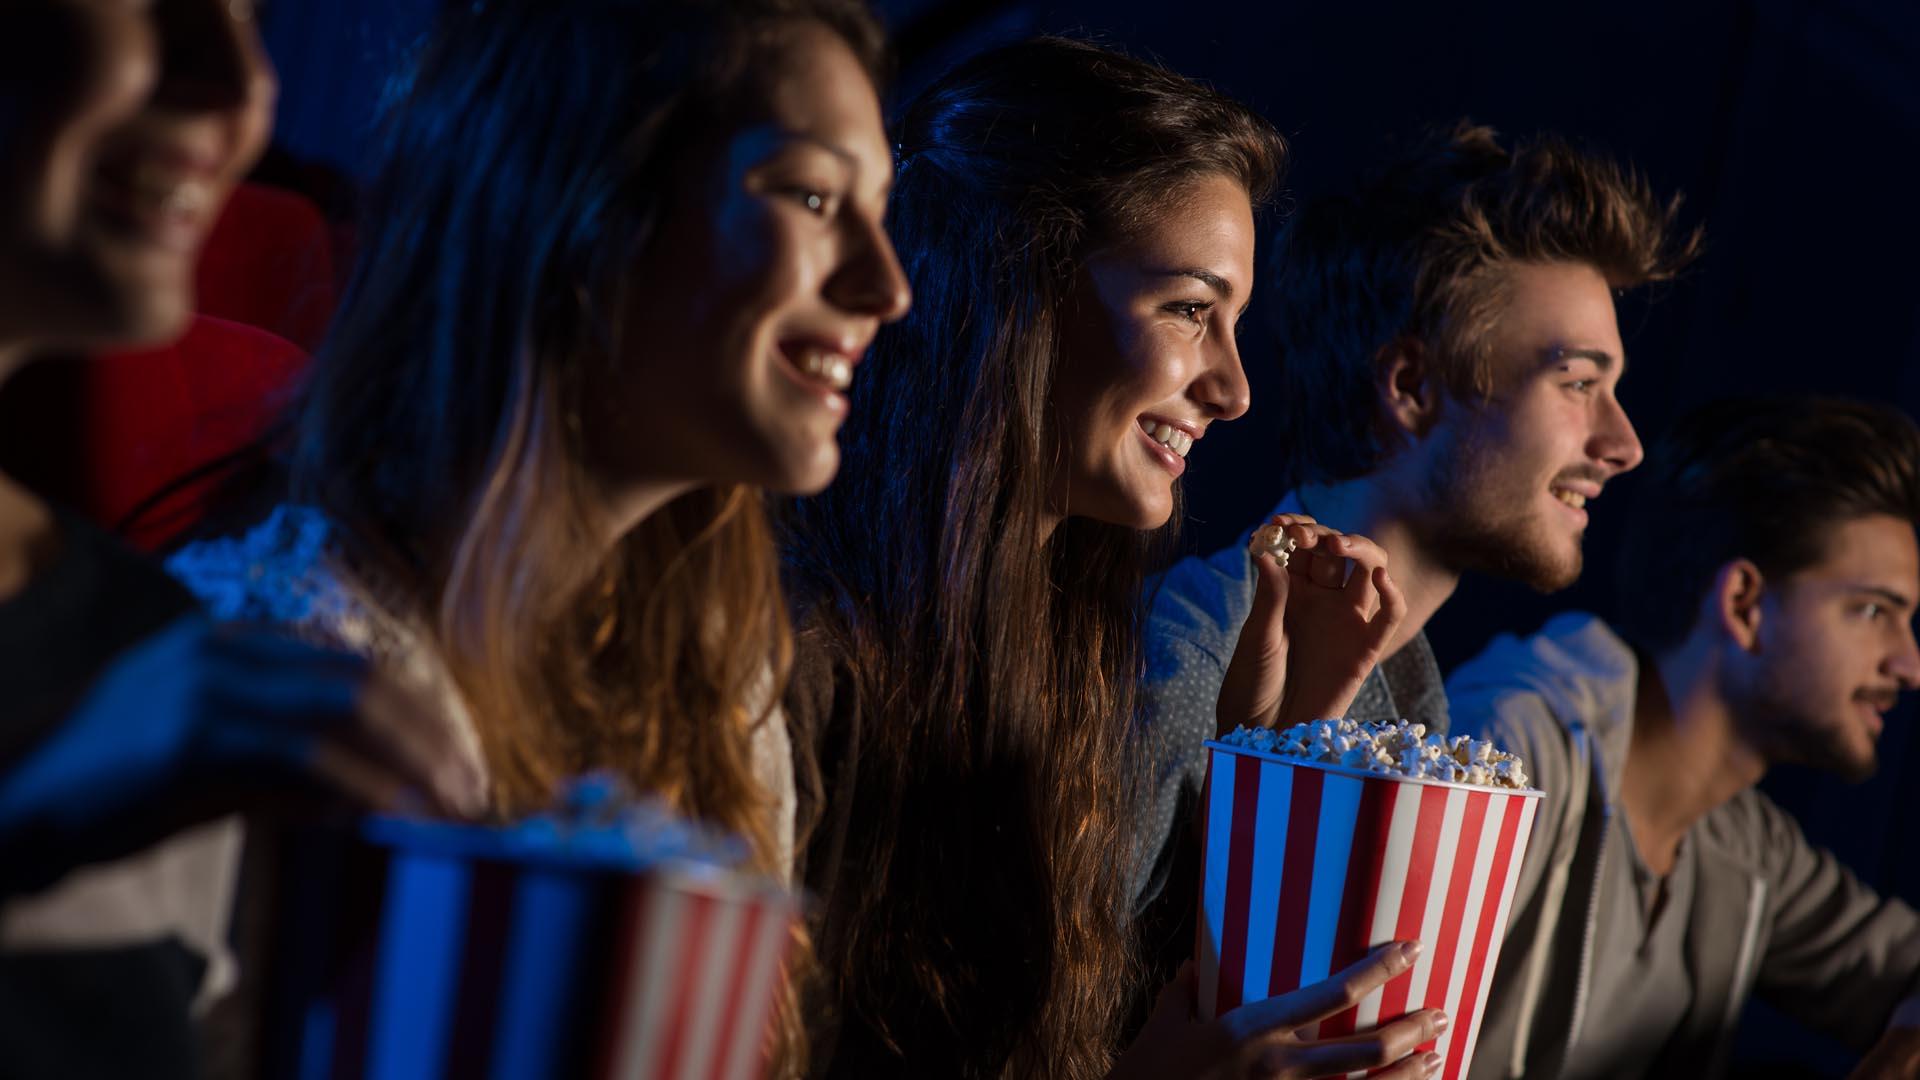 El cine, la salida preferida de los jóvenes argentinos (iStock)